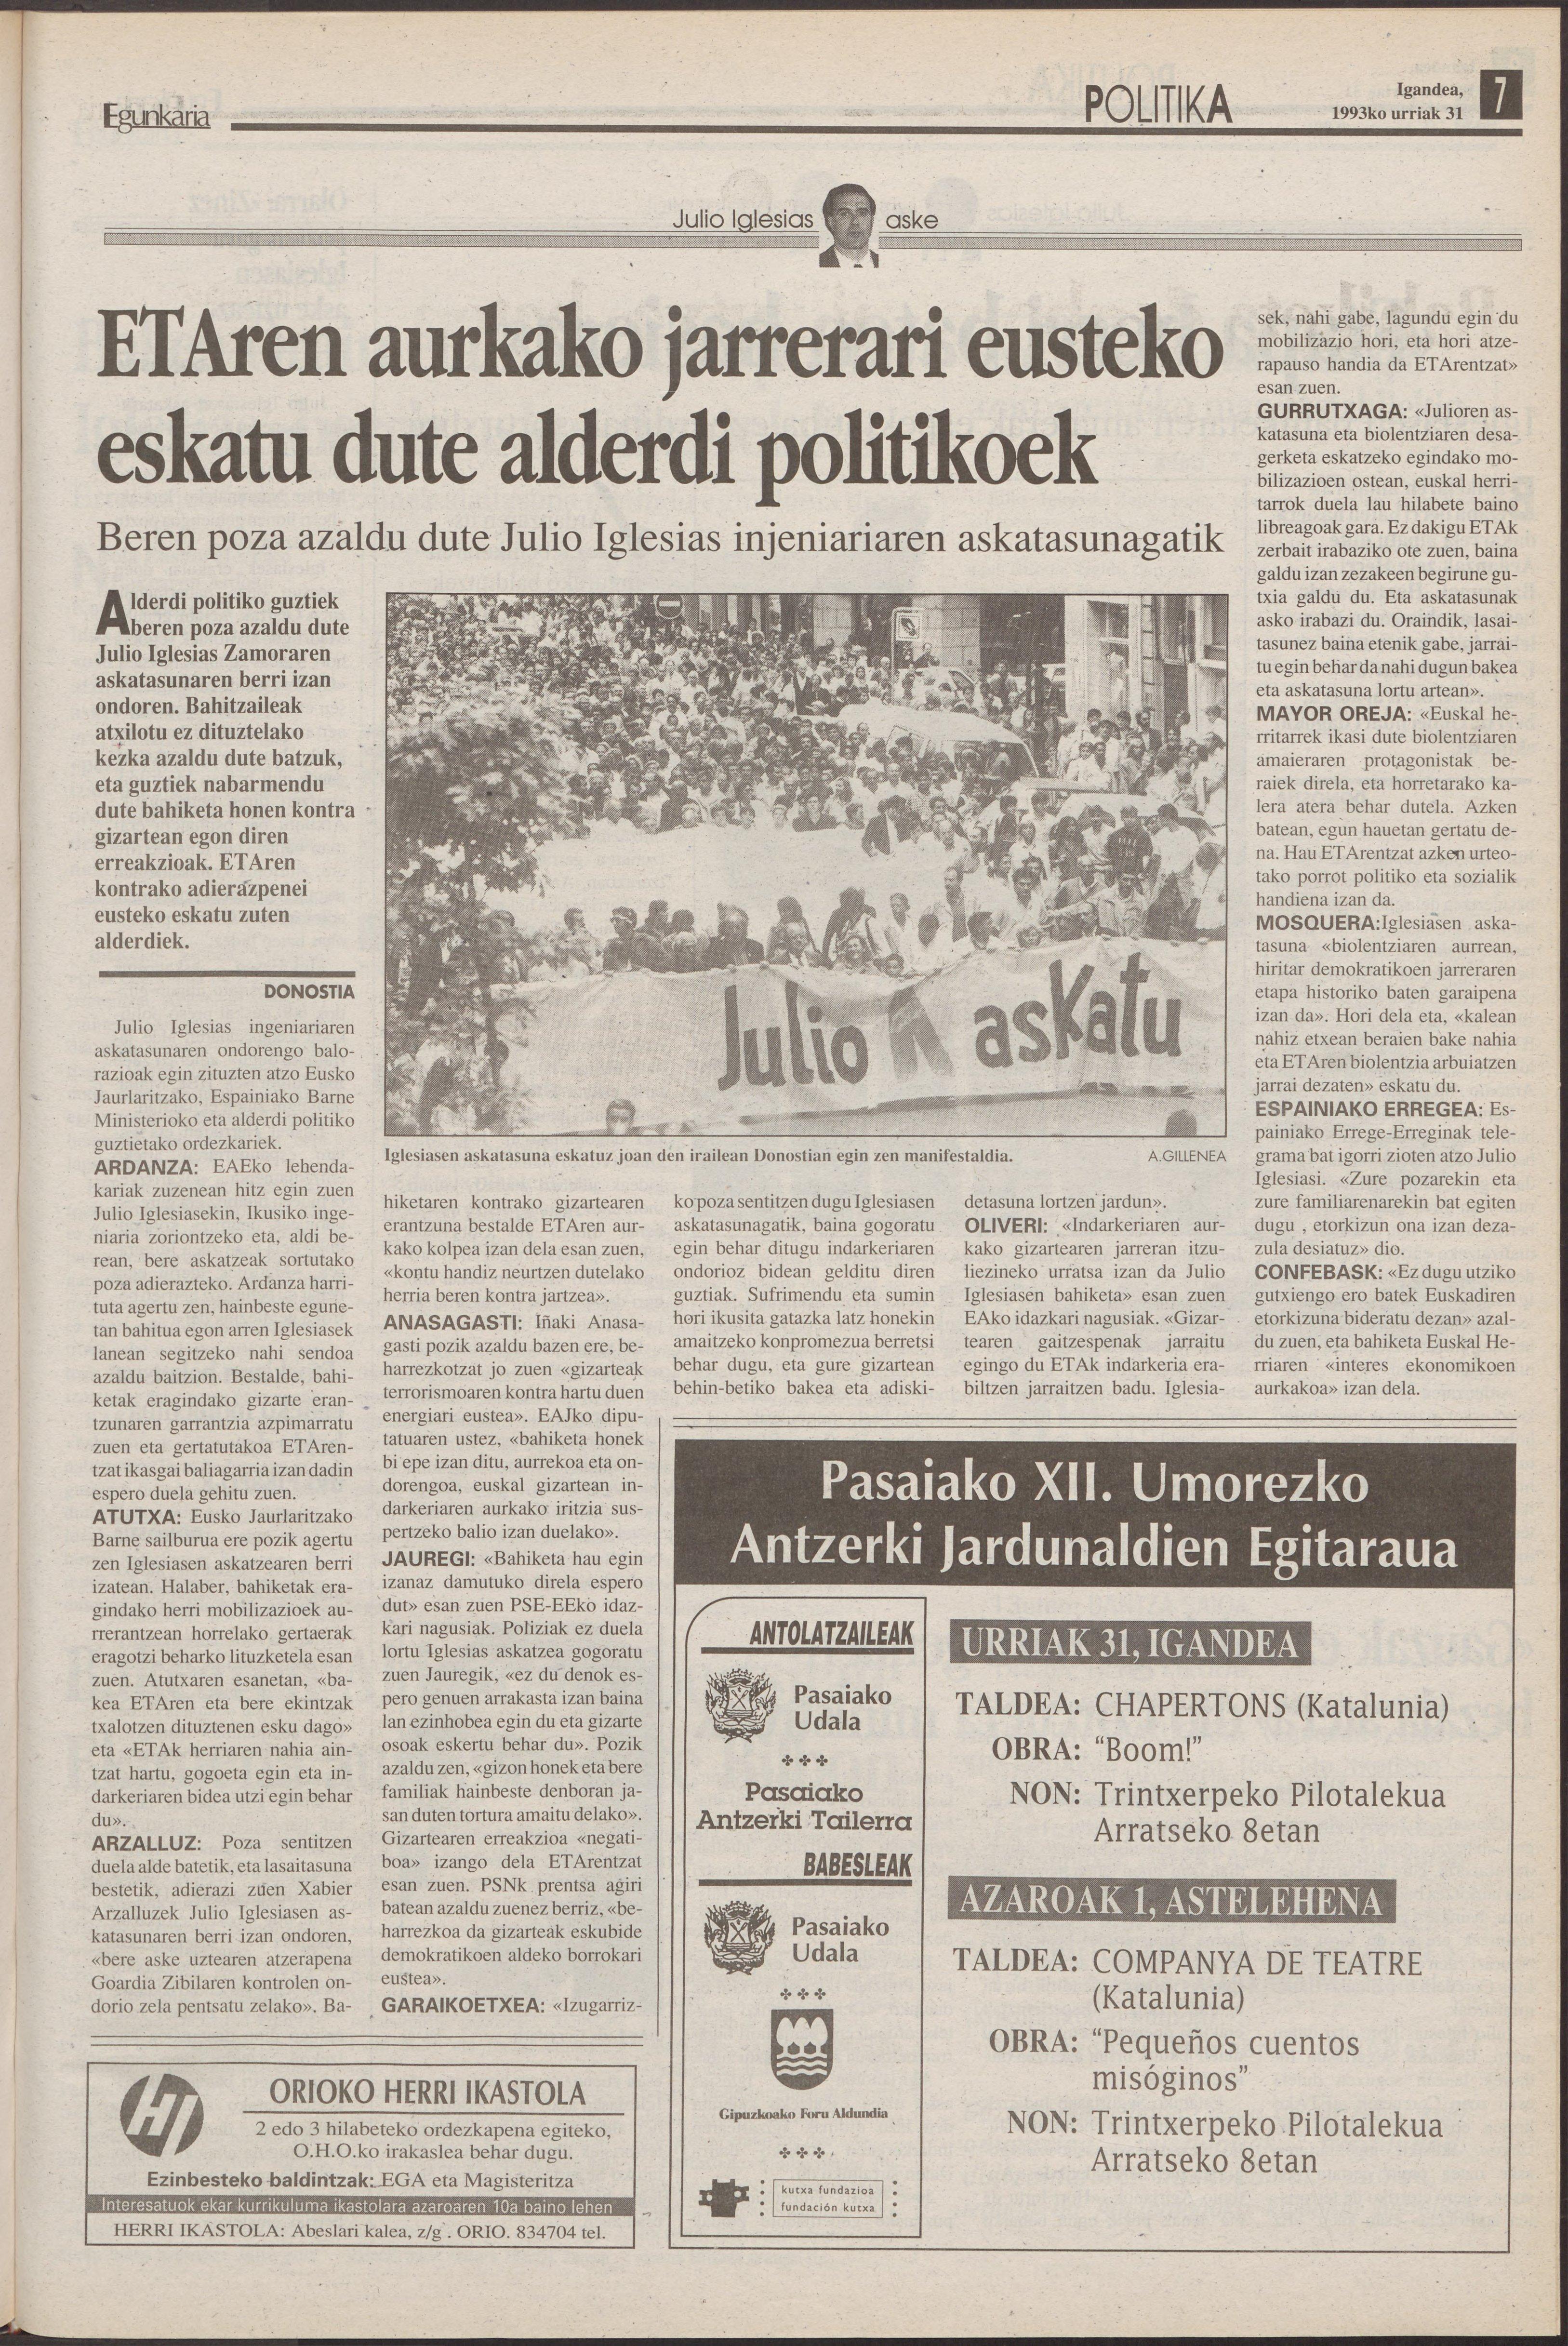 1993ko urriak 31, 07. orrialdea